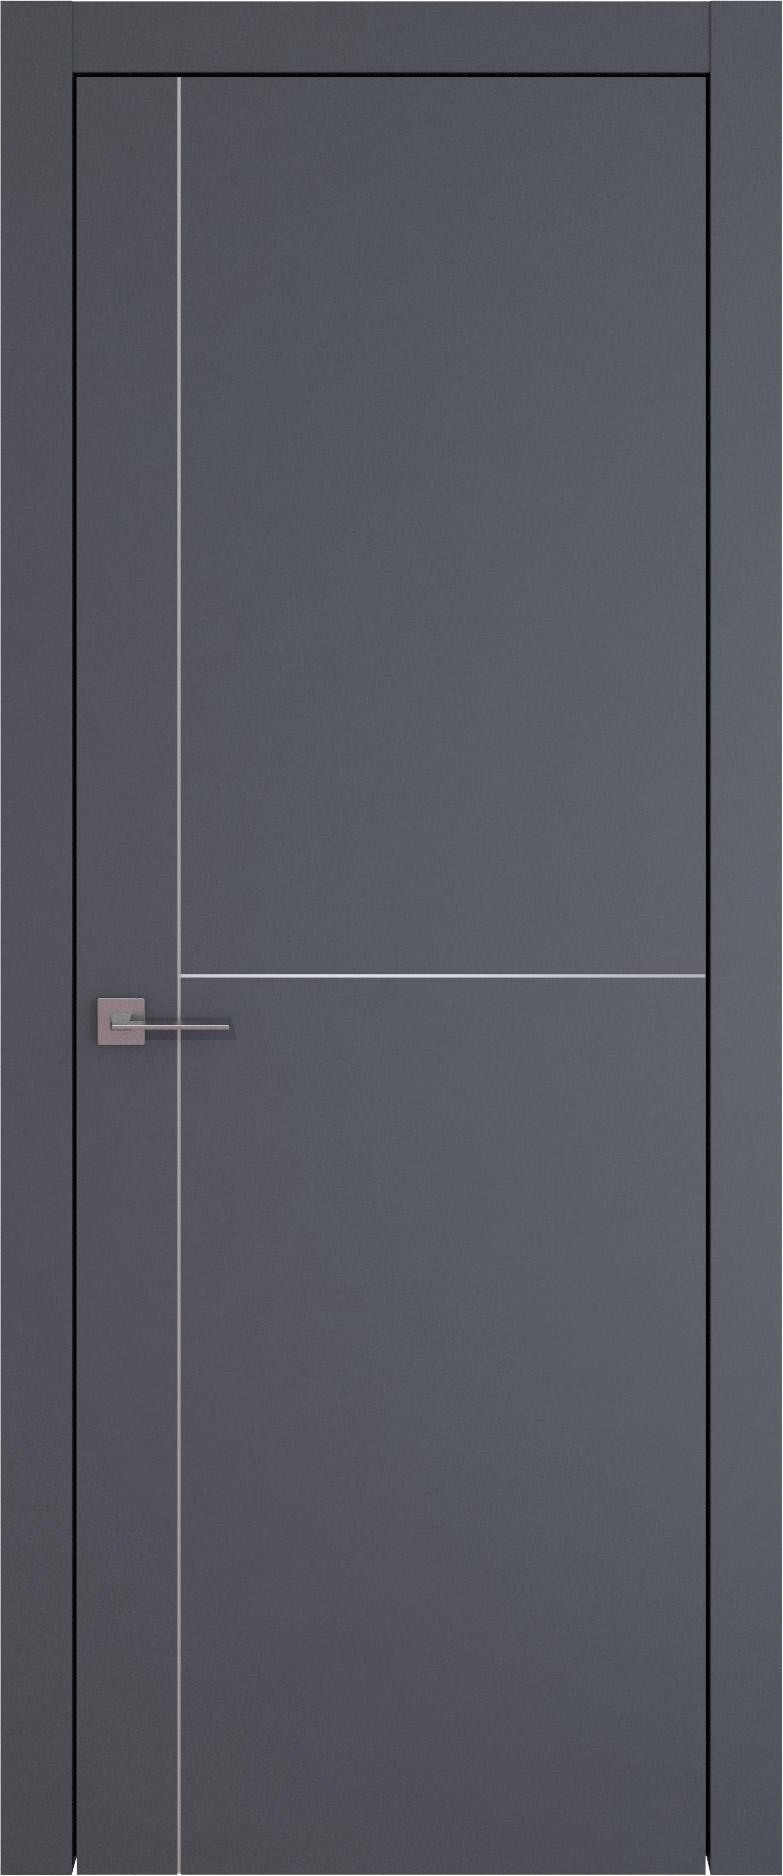 Tivoli Е-3 цвет - Графитово-серая эмаль (RAL 7024) Без стекла (ДГ)